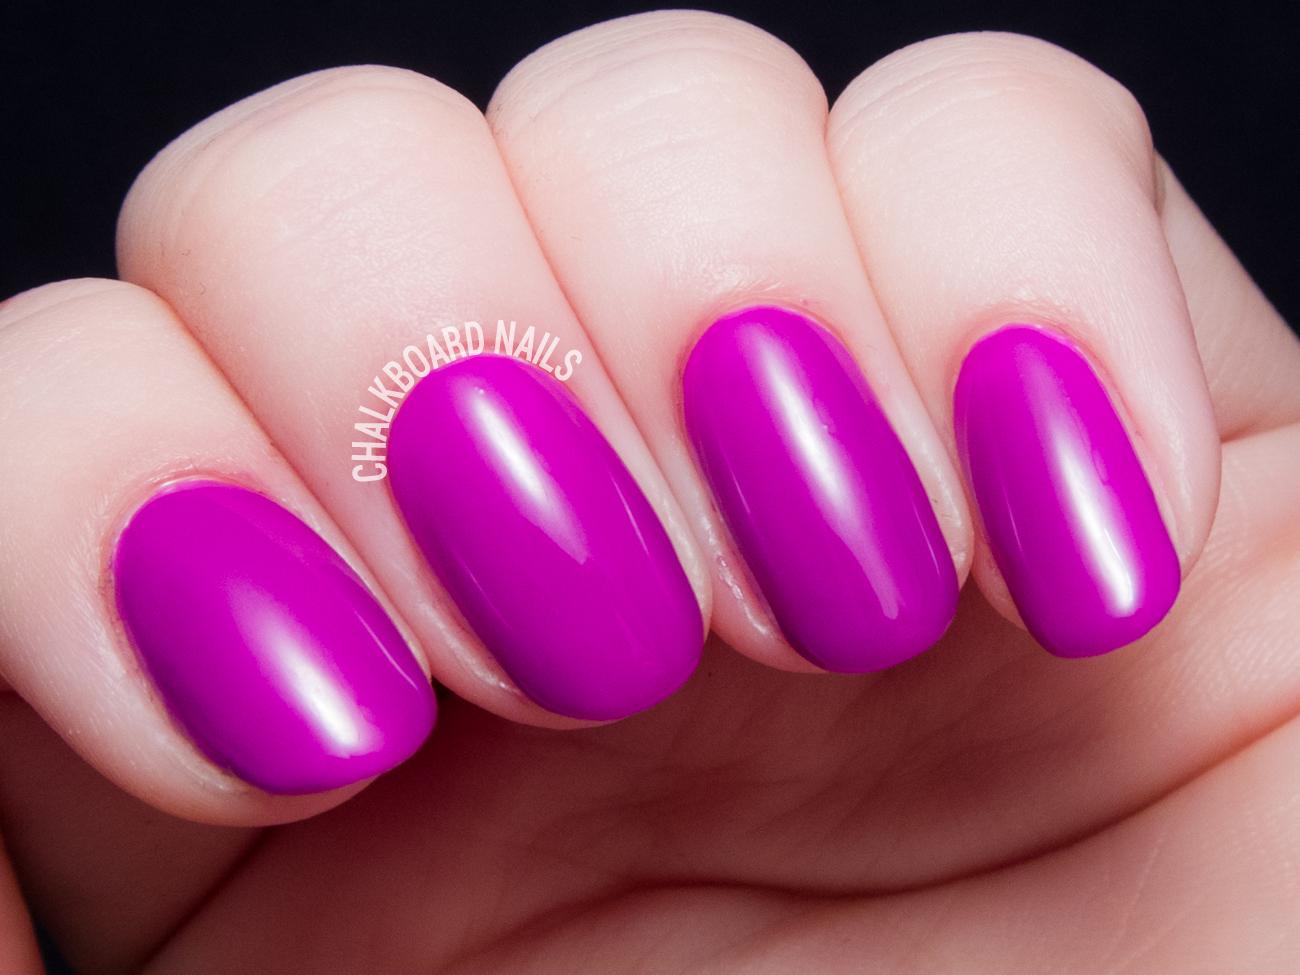 China Glaze Violet Vibes via @chalkboardnails